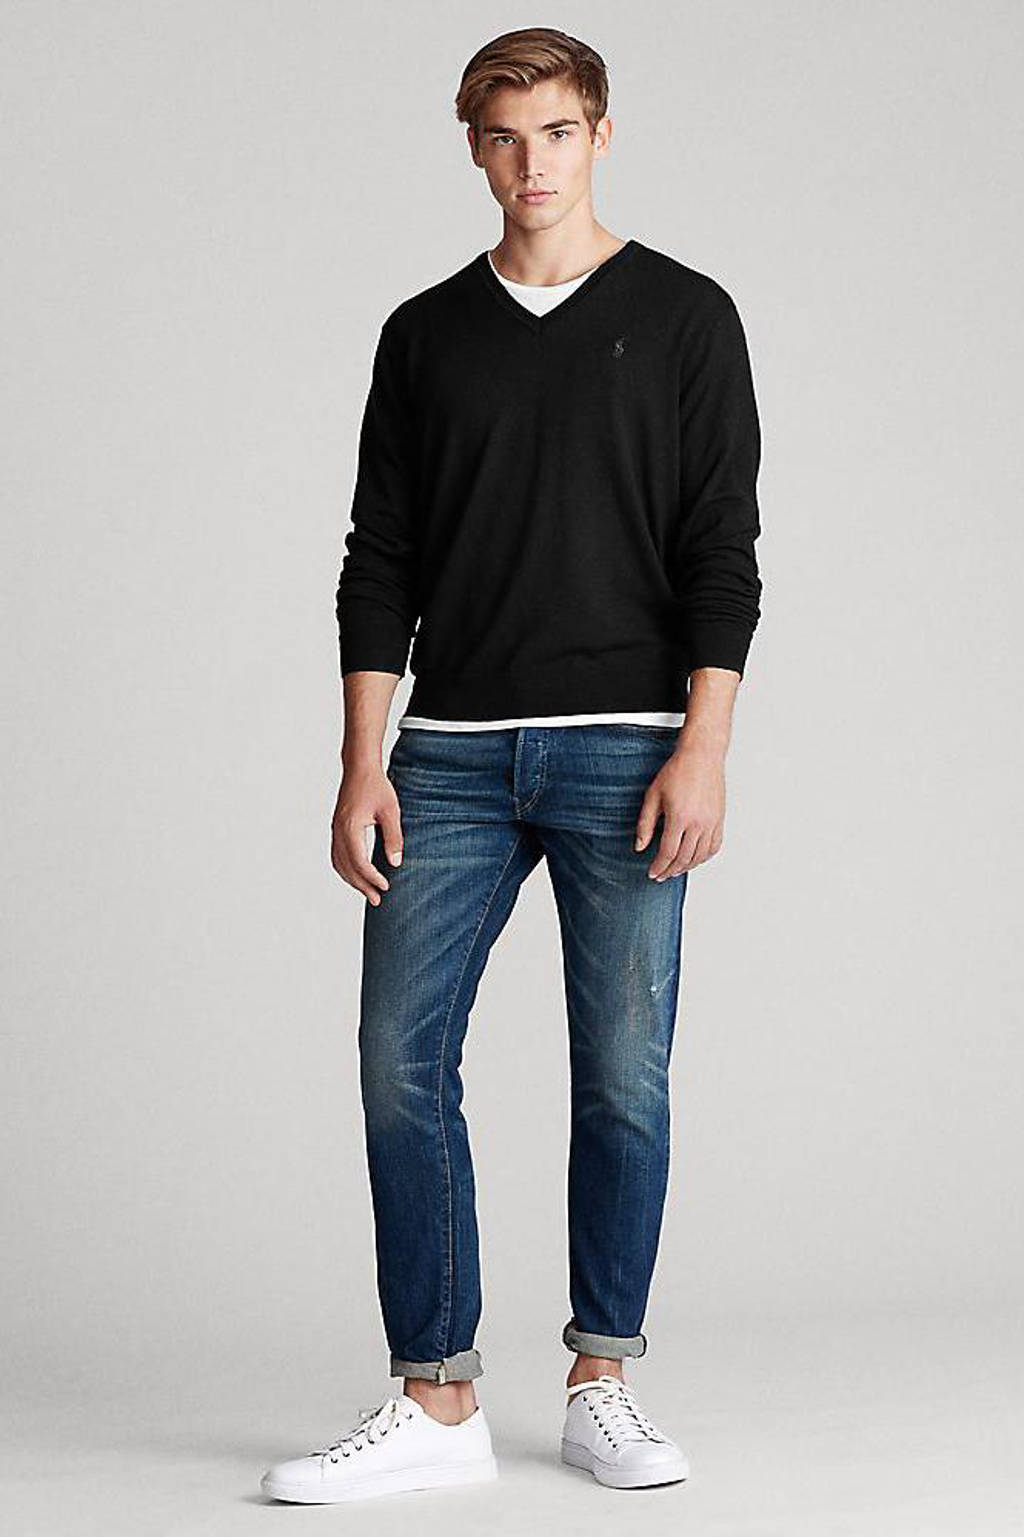 POLO Ralph Lauren wollen trui zwart, Zwart